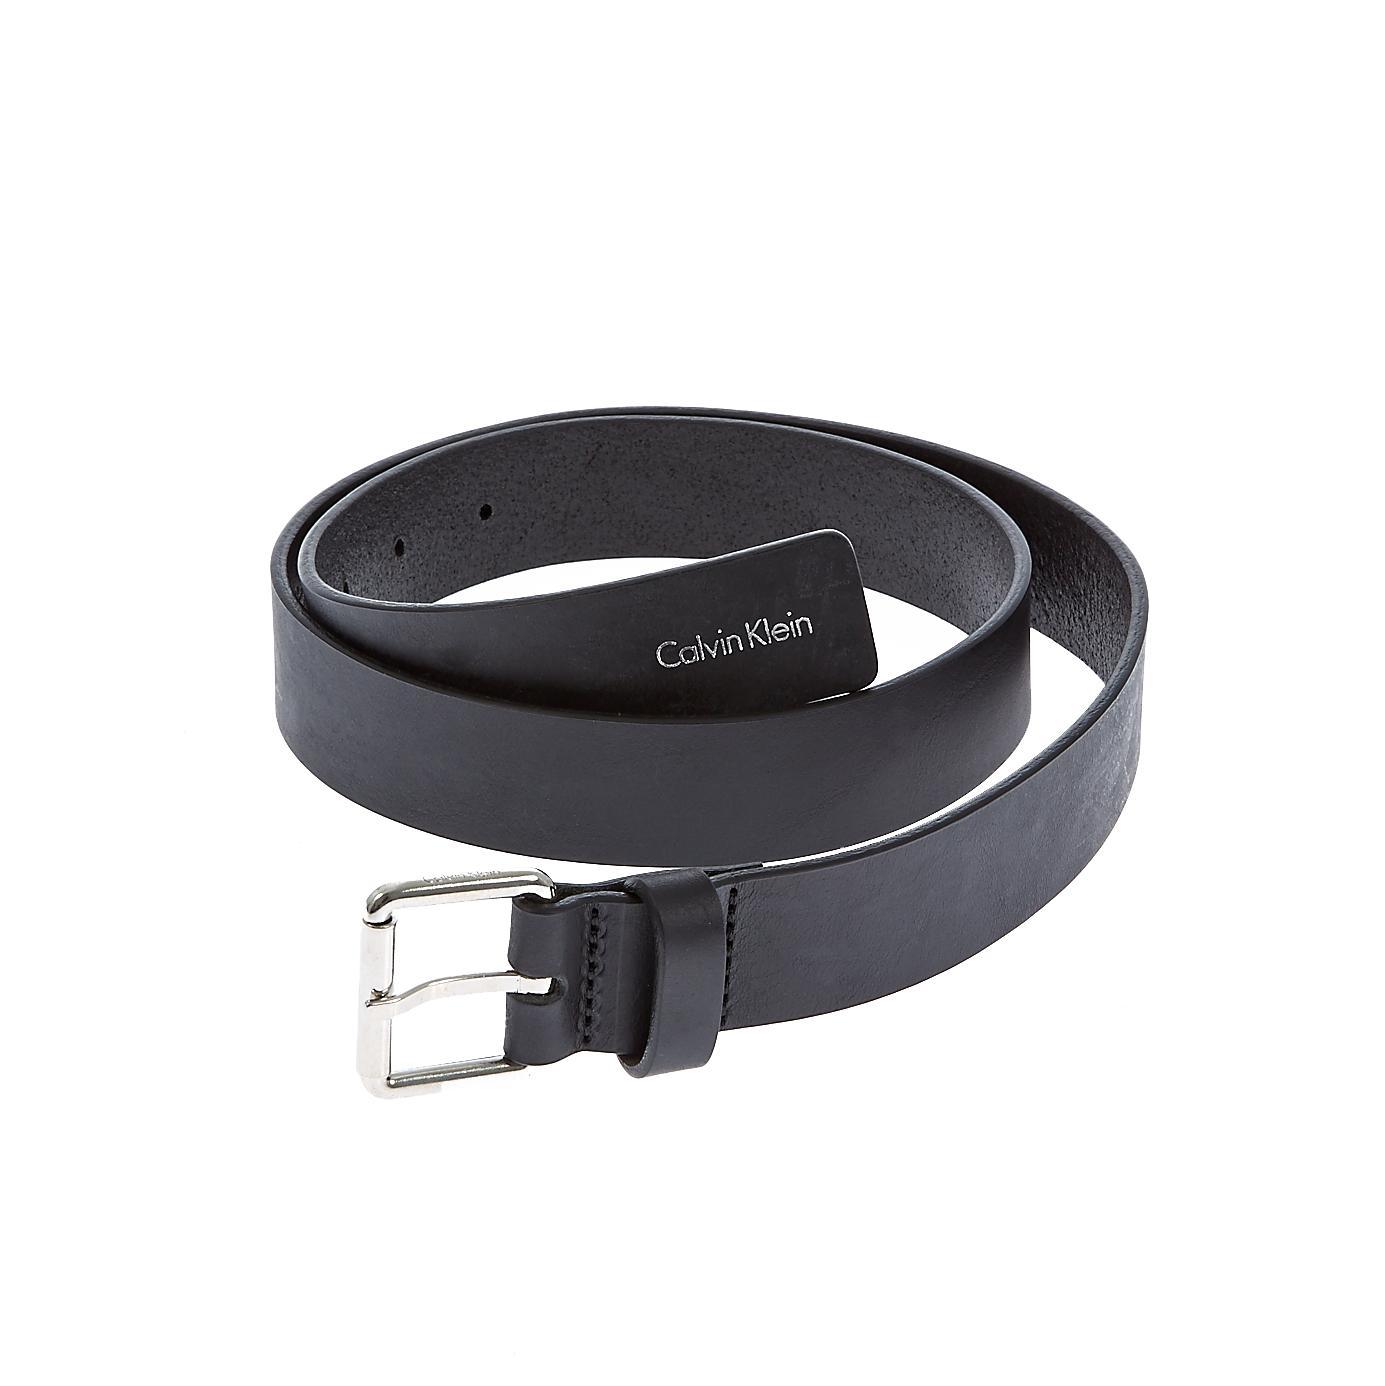 CALVIN KLEIN JEANS - Γυναικεία ζώνη Calvin Klein Jeans μαύρη